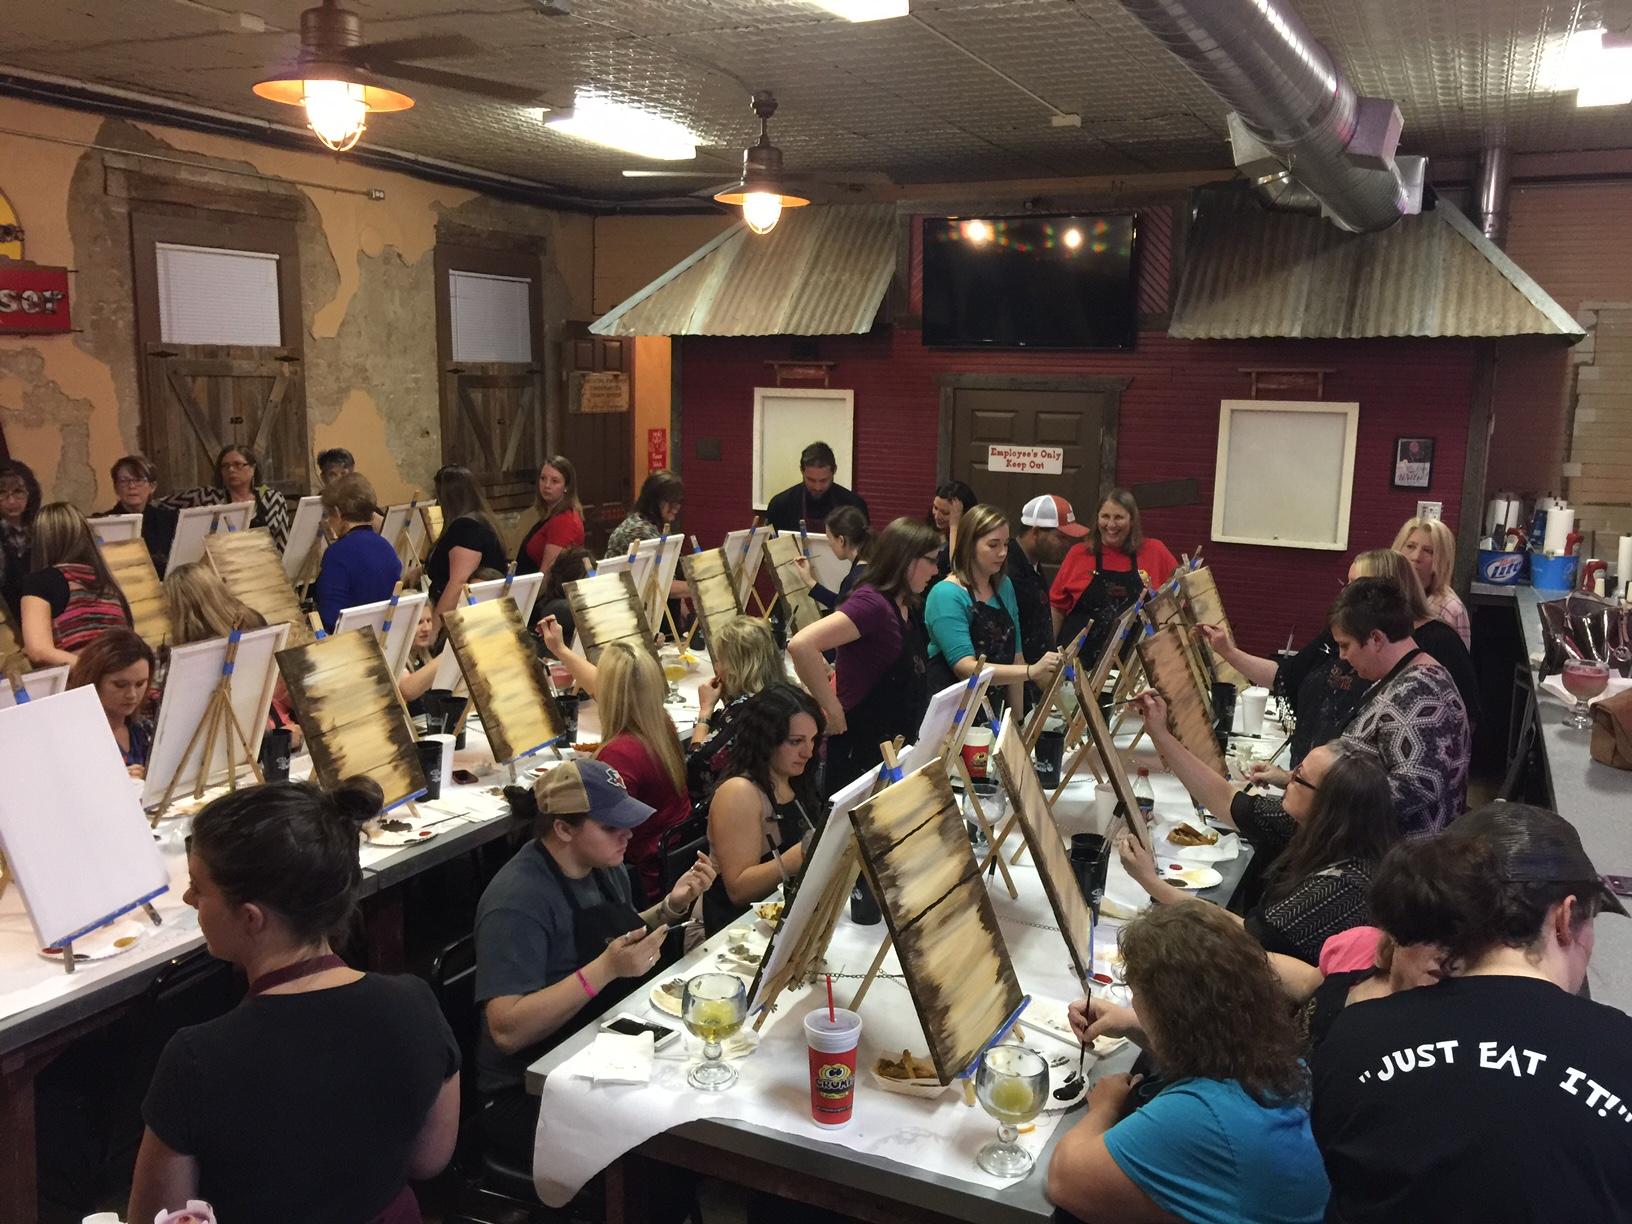 Painting fun in Burleson